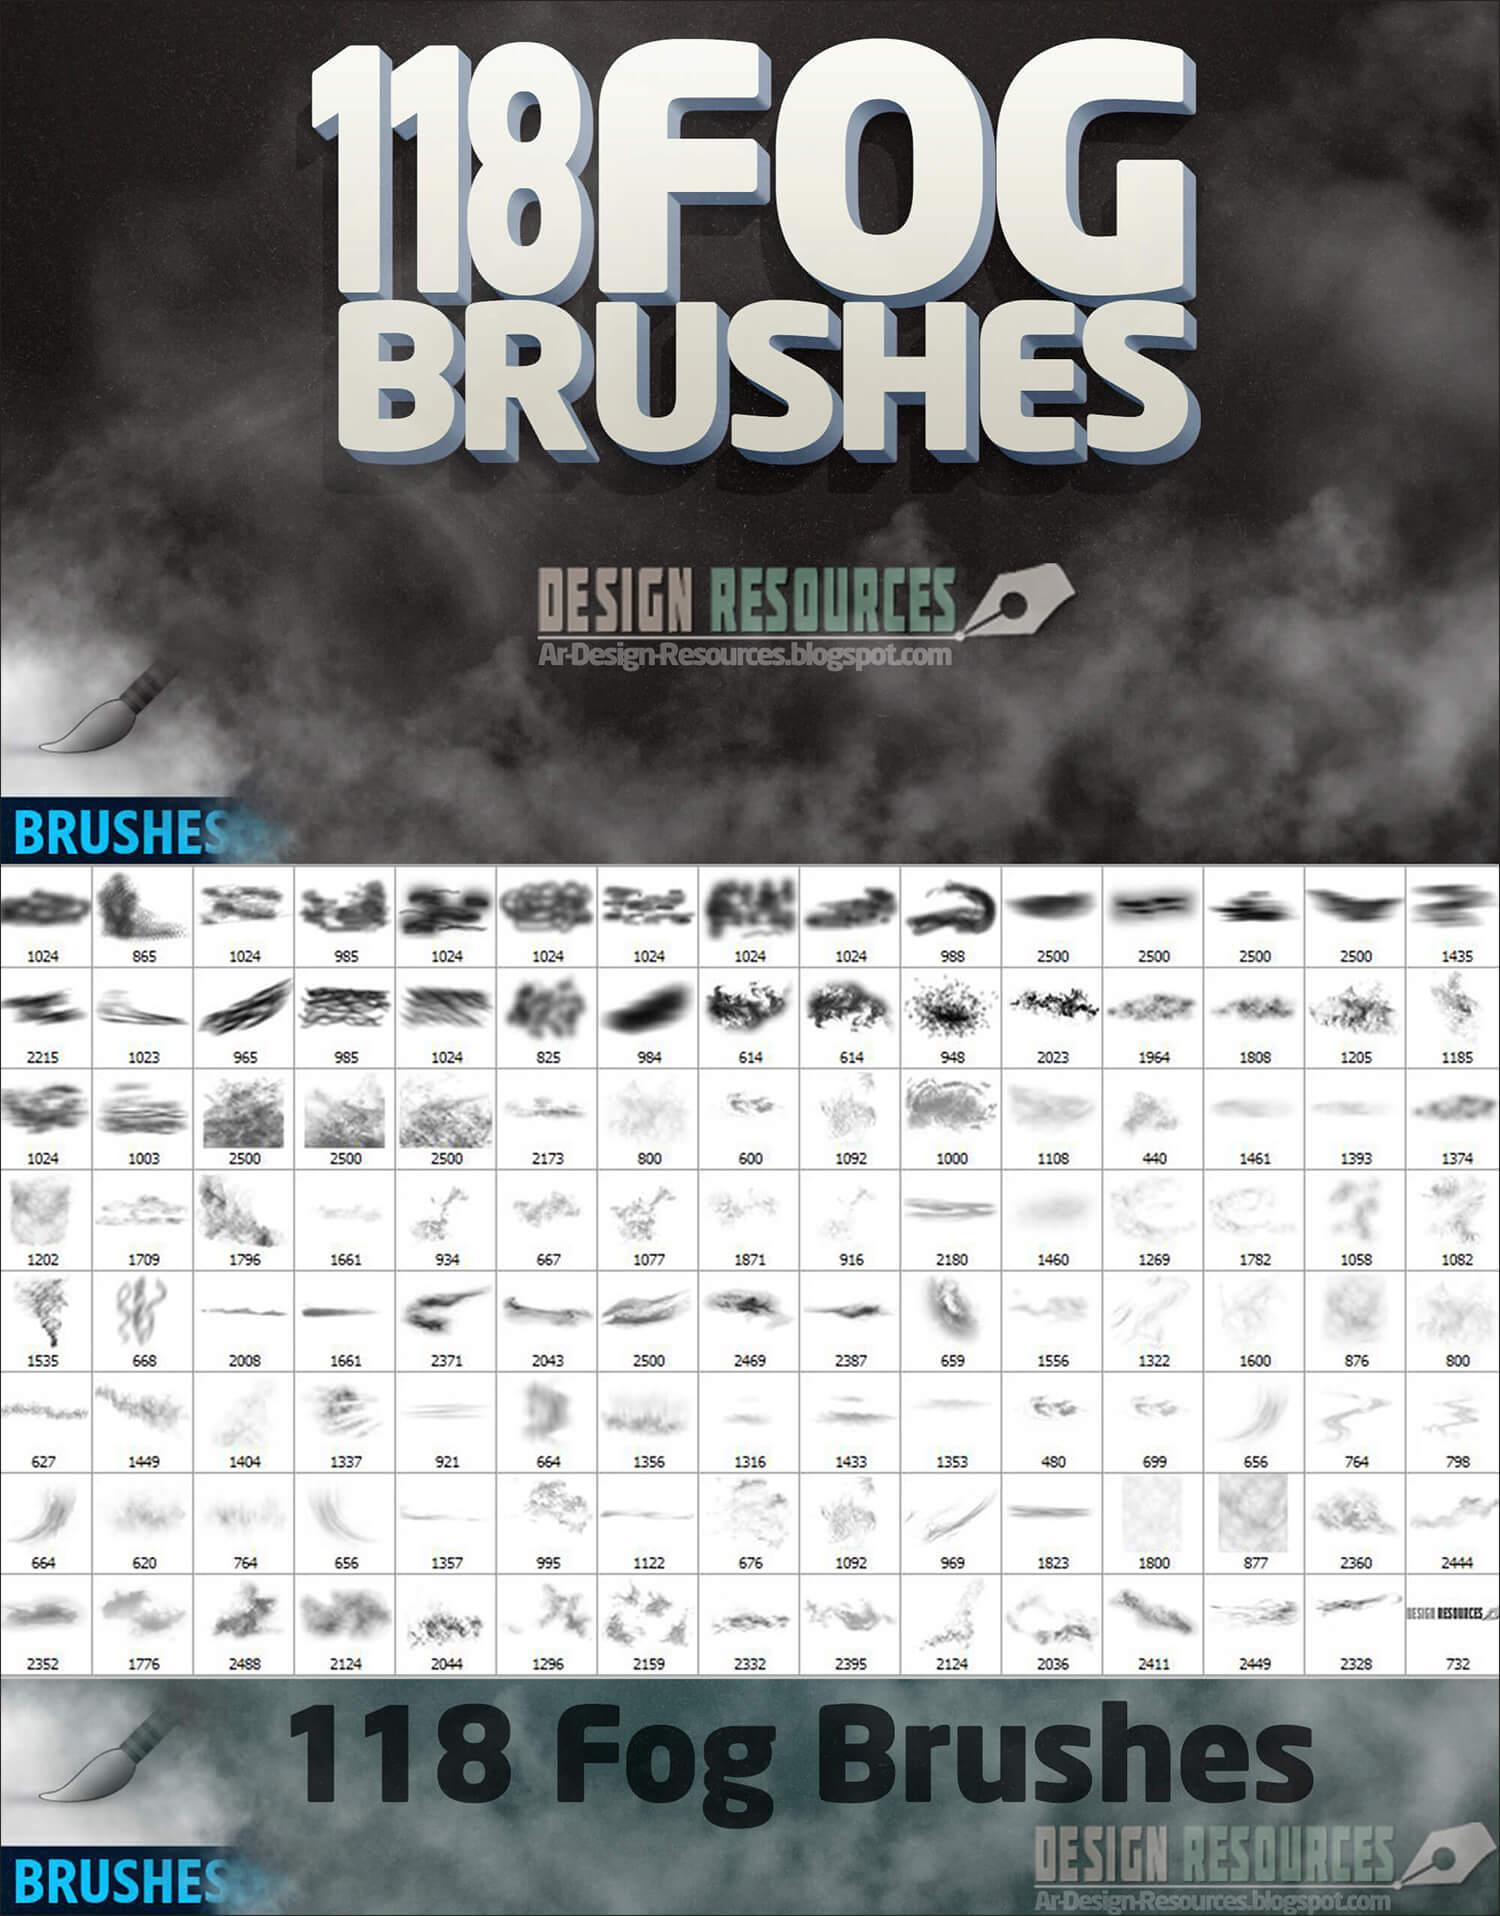 Кисти для рисования туманов и дымок в Фотошопе